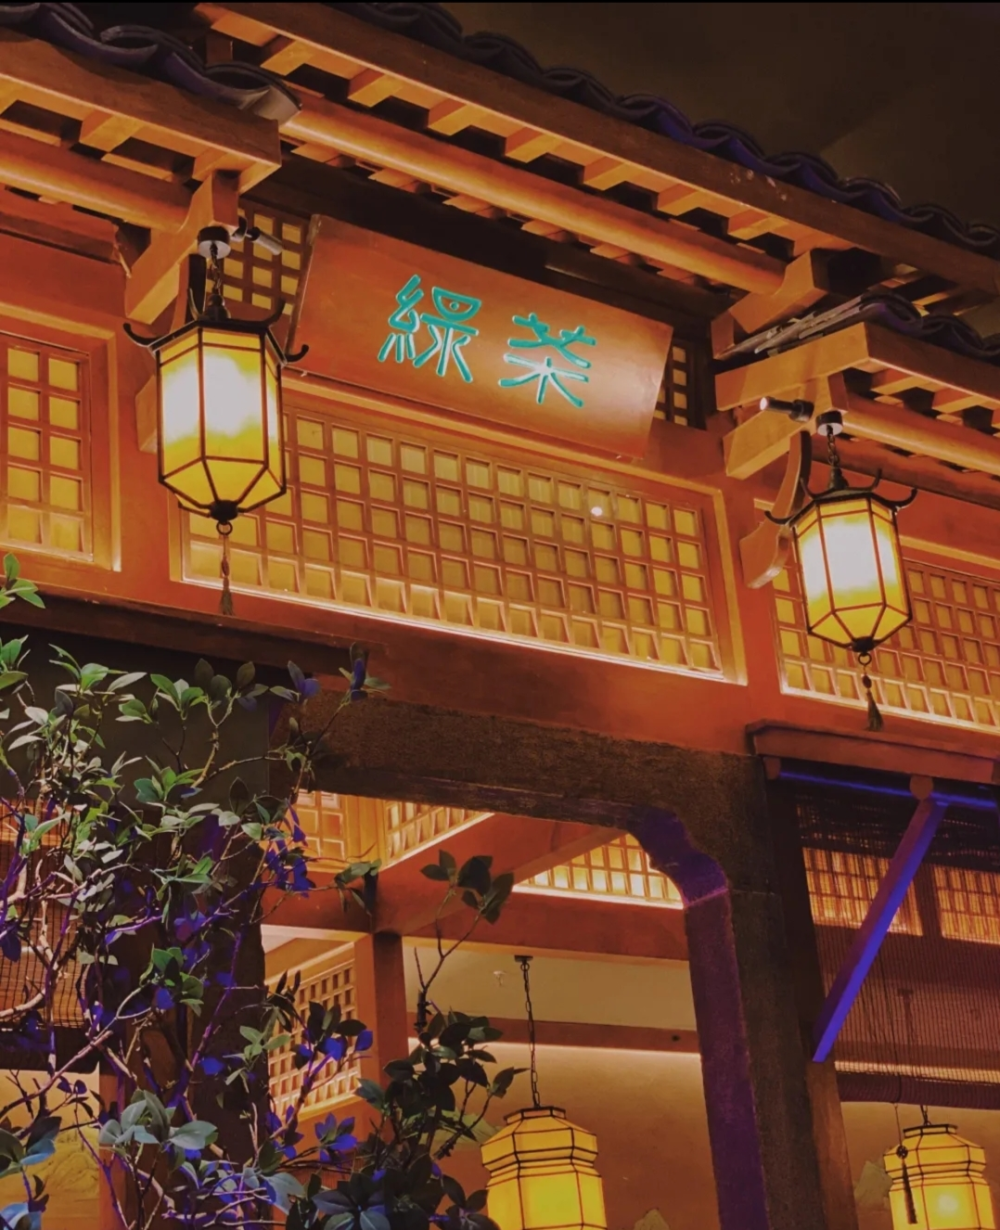 河北绿茶餐厅曝出食品问题后厨视频惊人 济南店:收到加强监管通知